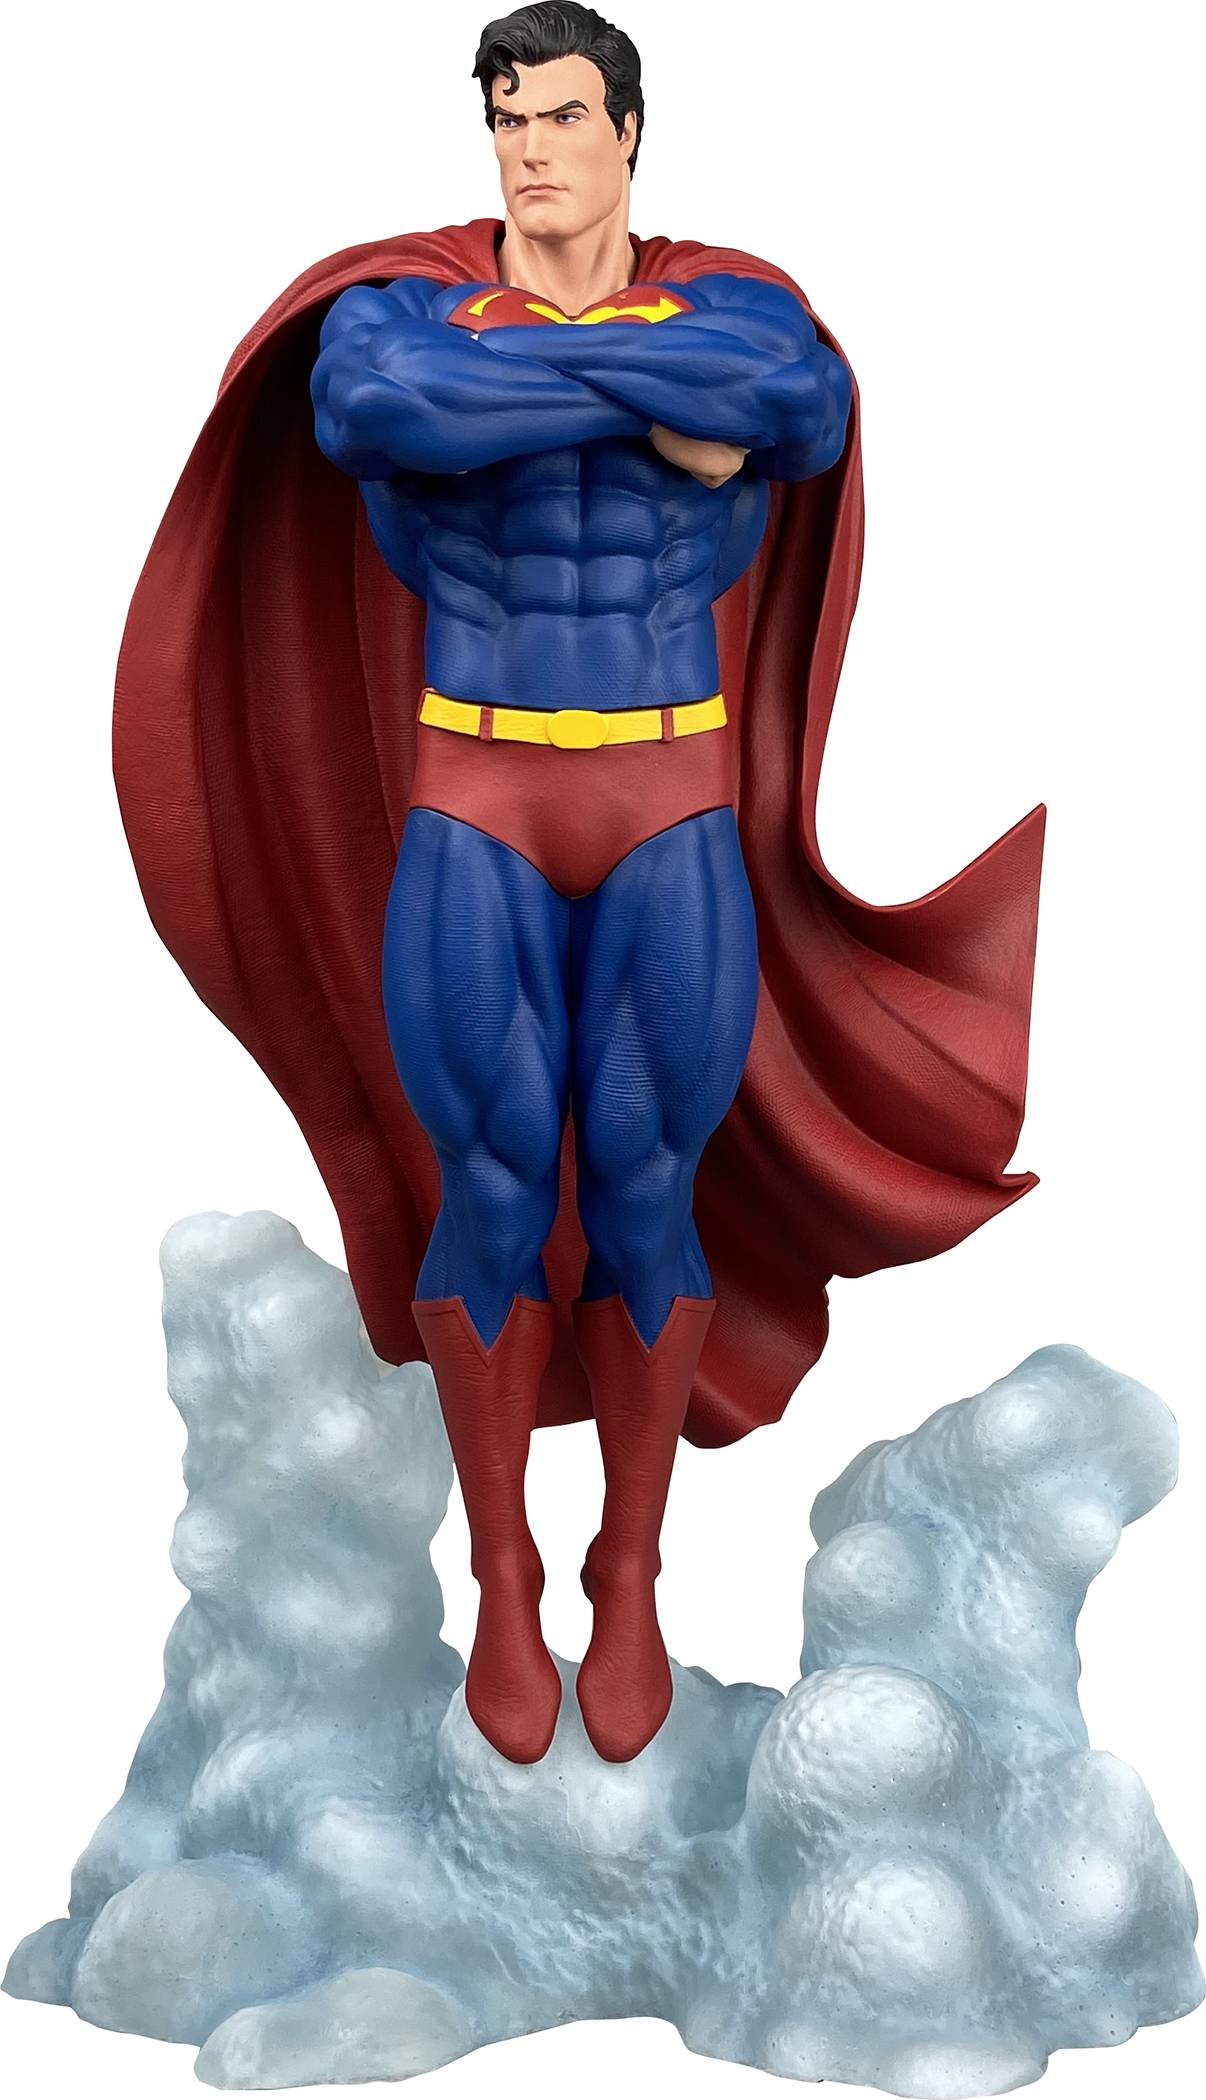 DC GALLERY SUPERMAN ASCENDANT PVC STATUE